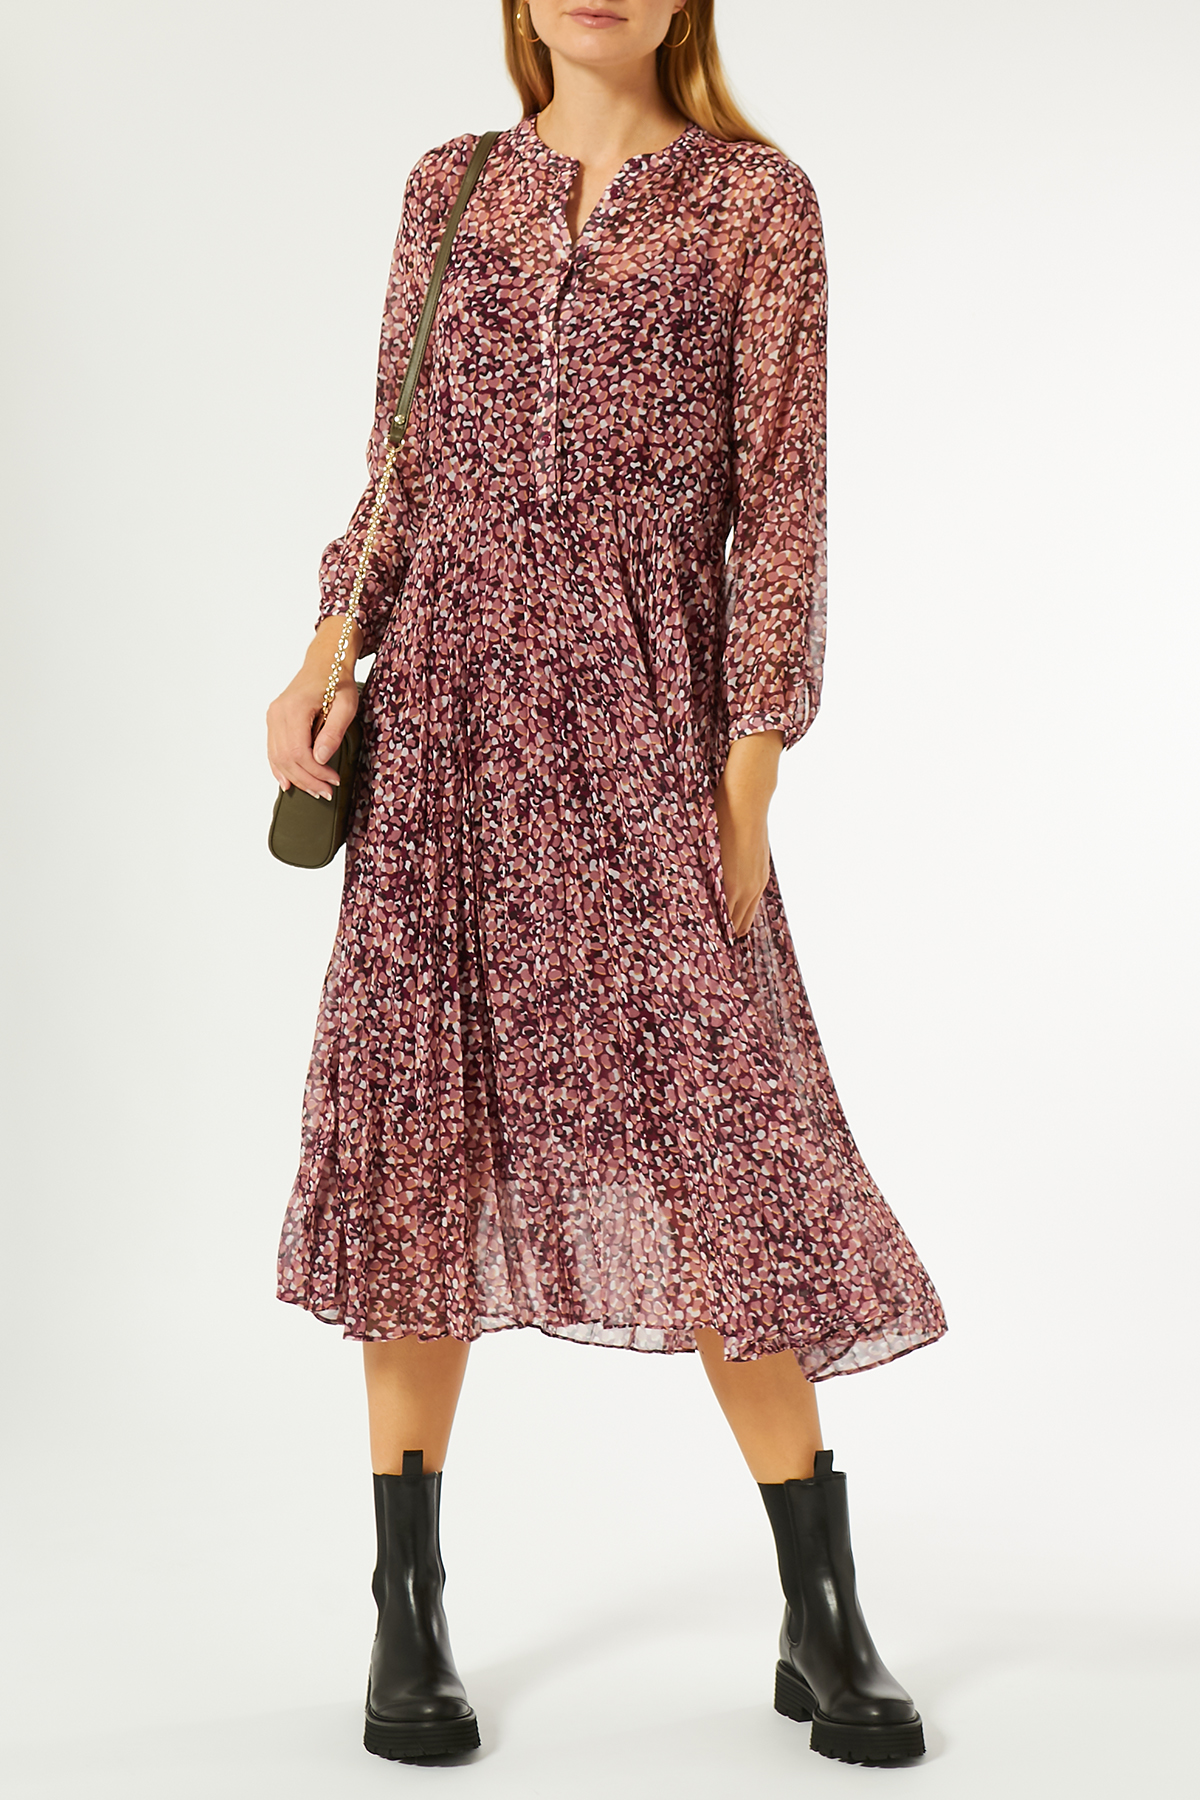 Midi-Kleid aus Chiffon   FLOWERS FOR FRIENDS   myCLASSICO.com